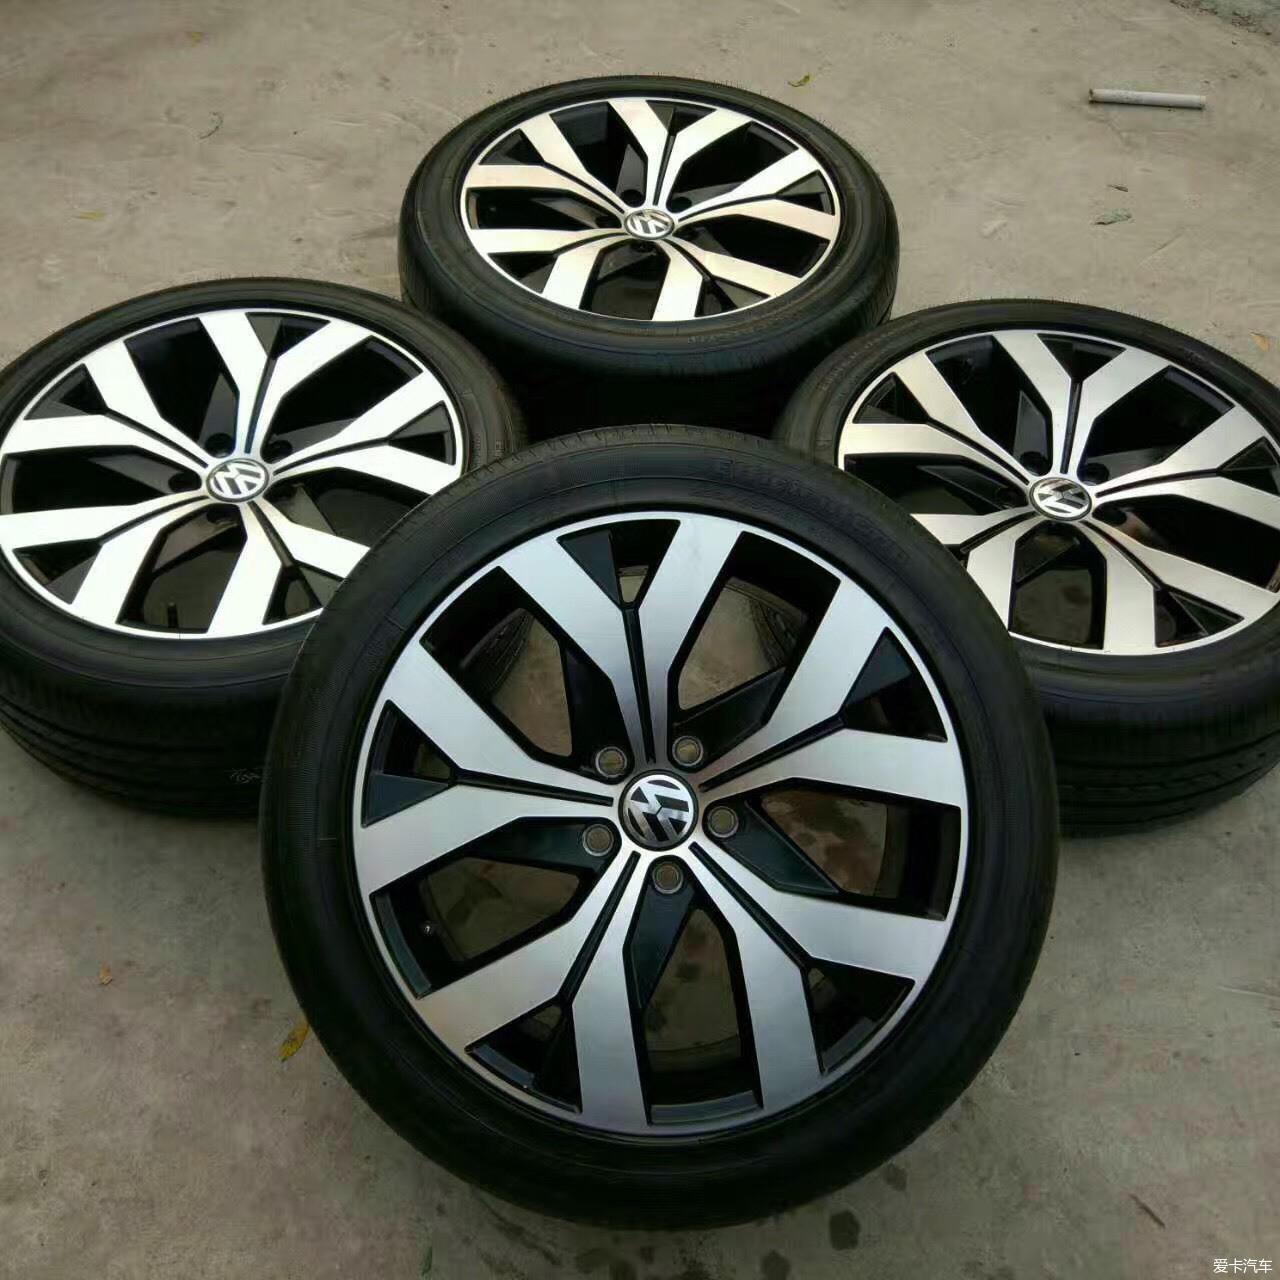 【图】16款迈腾18寸新款轮毂轮胎_1_回收站_爱卡汽车